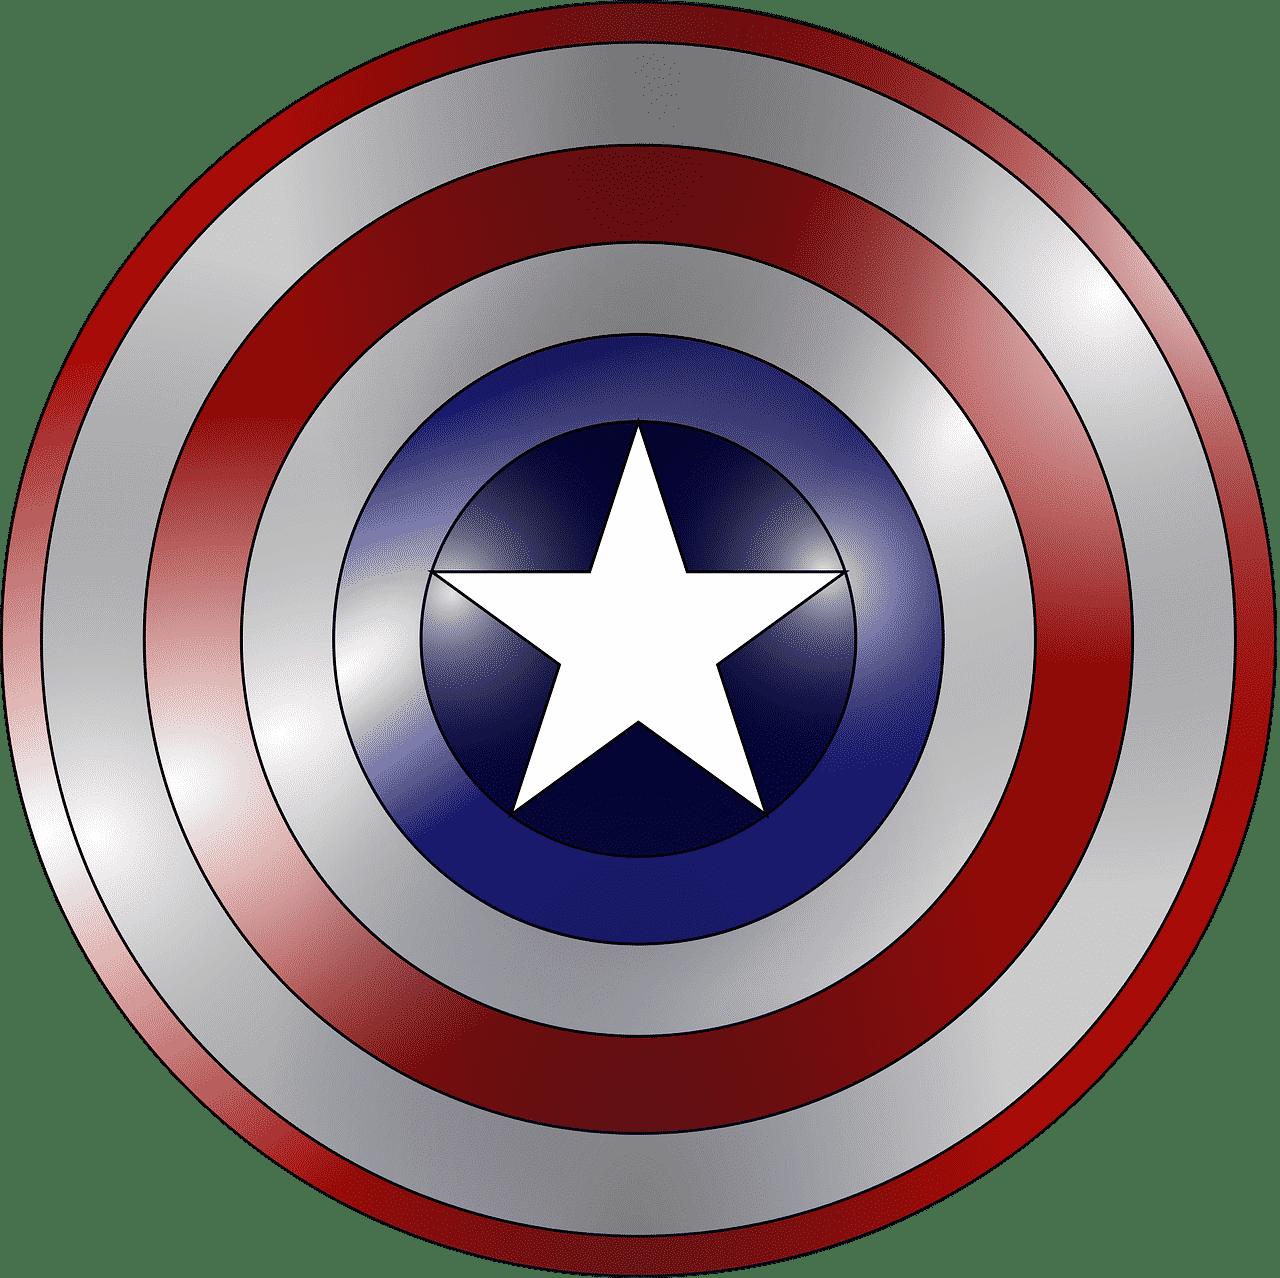 captain-america shield